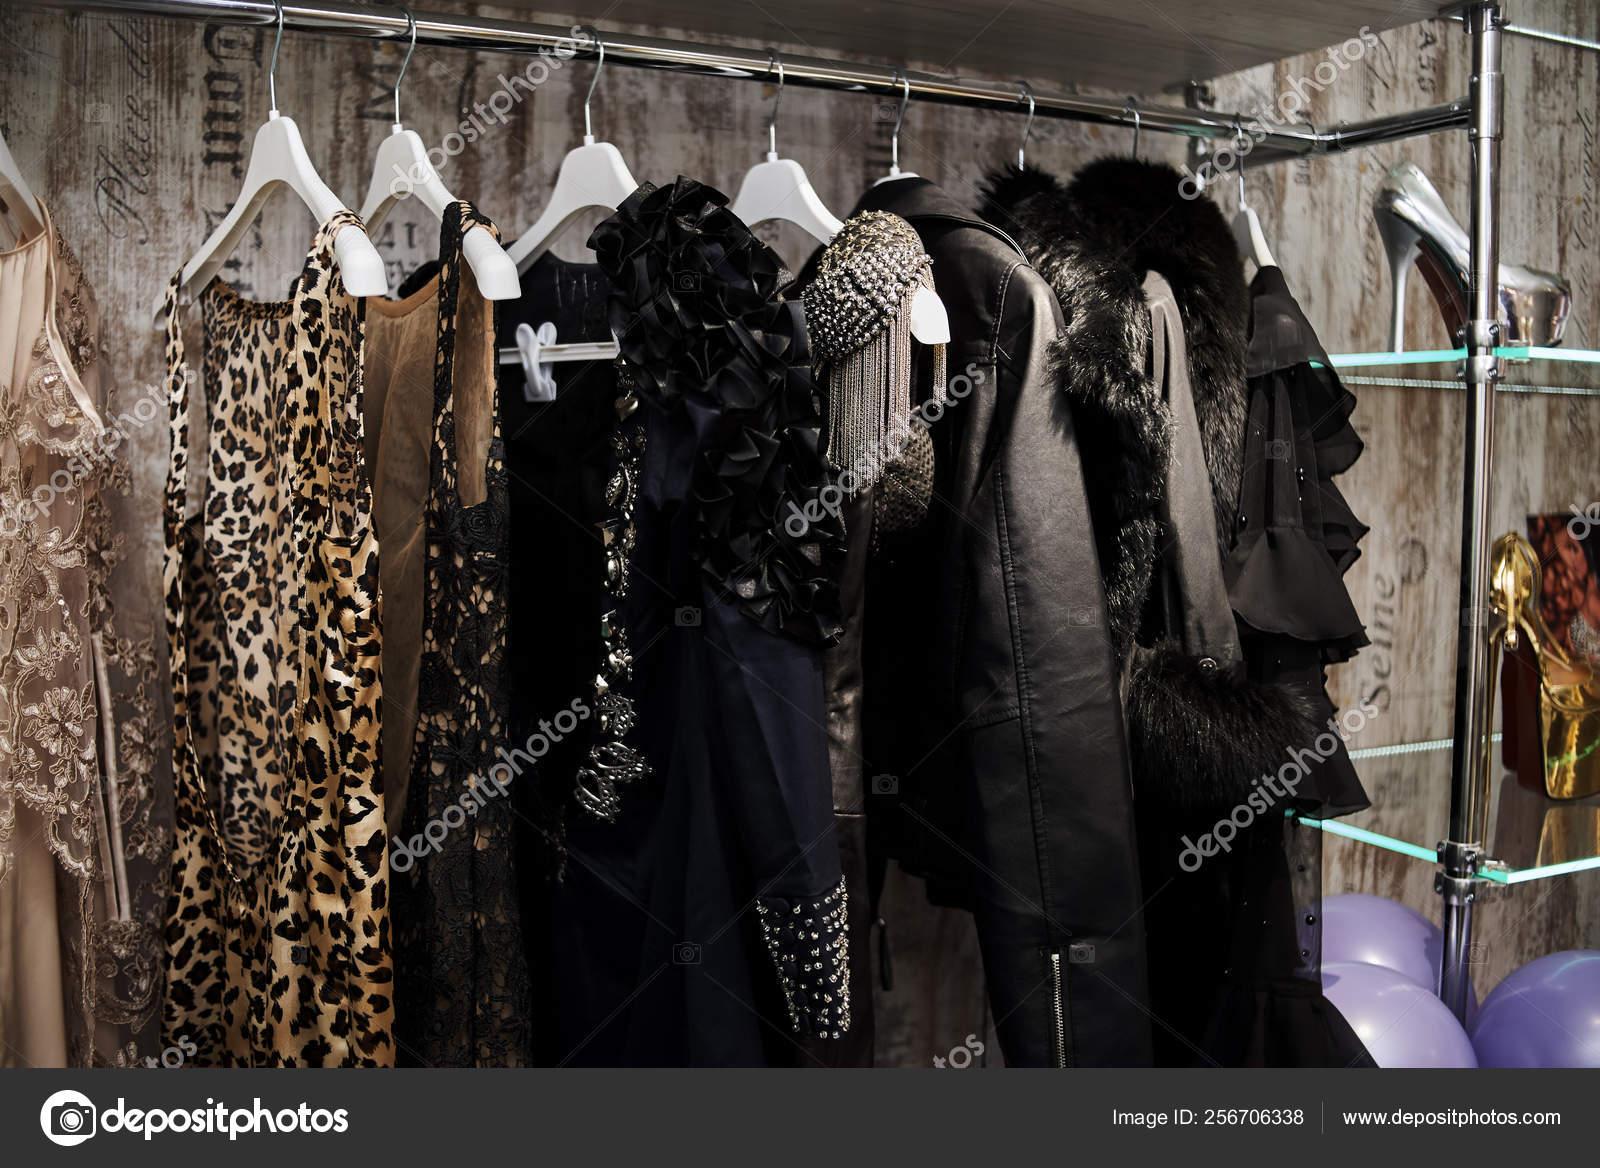 Vestidos Noche Perchas Tienda Ropa Foto De Stock